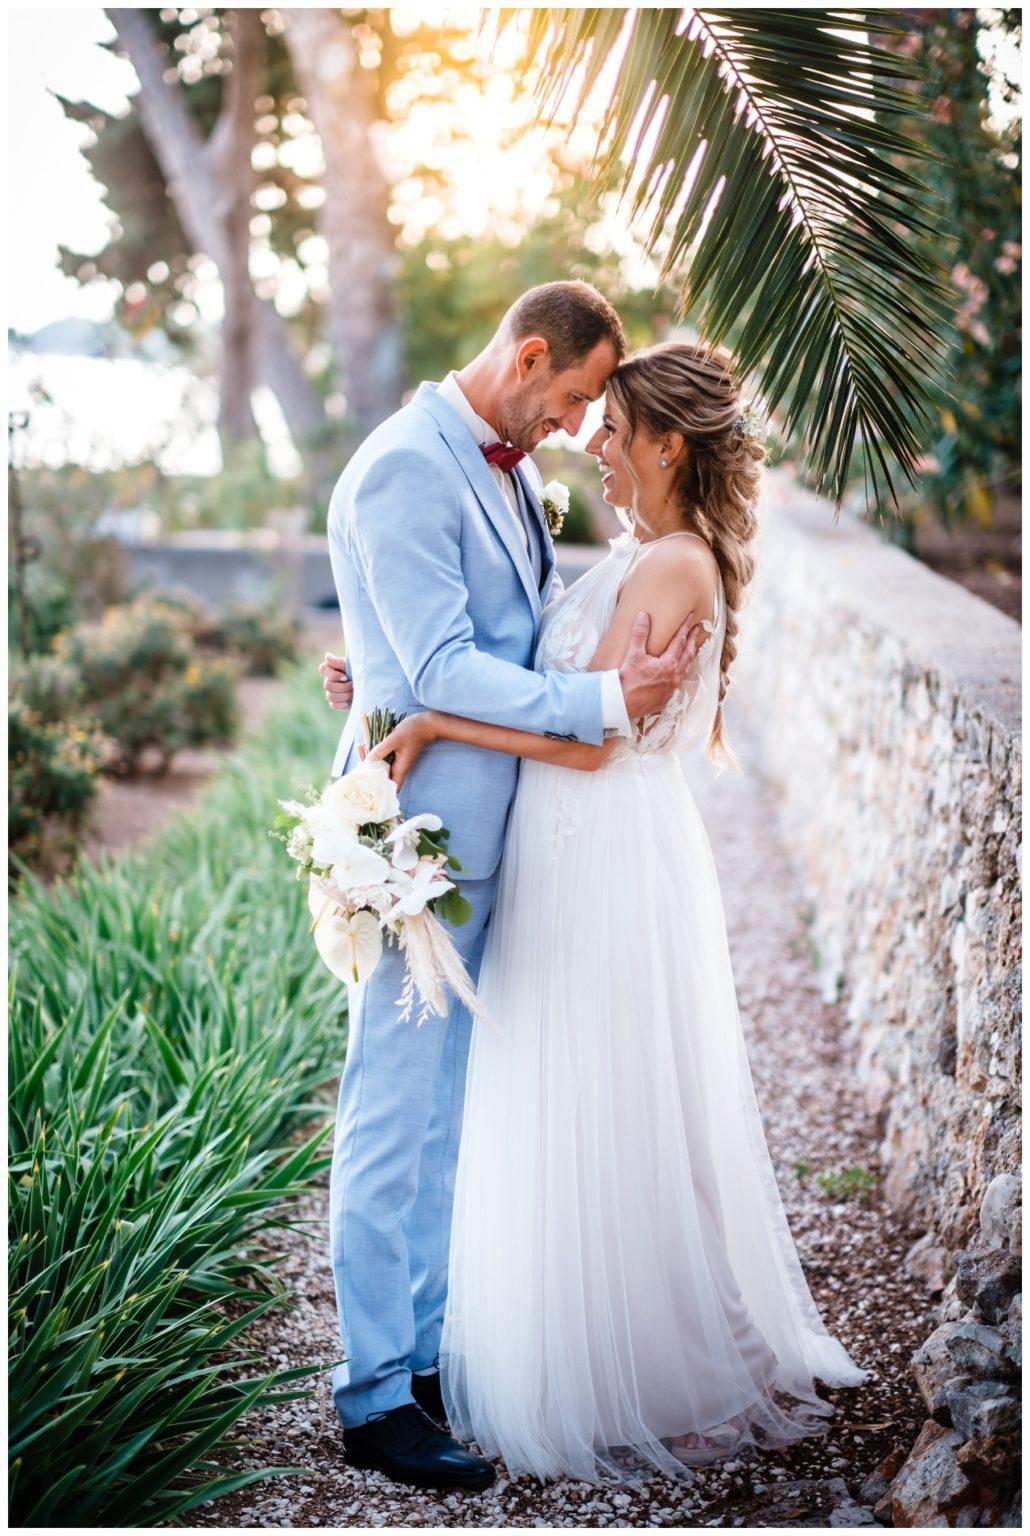 hochzeit brac inse boho heiraten kroatien hochzeitsplaner 49 - Glam Boho Hochzeit auf der Insel Brač